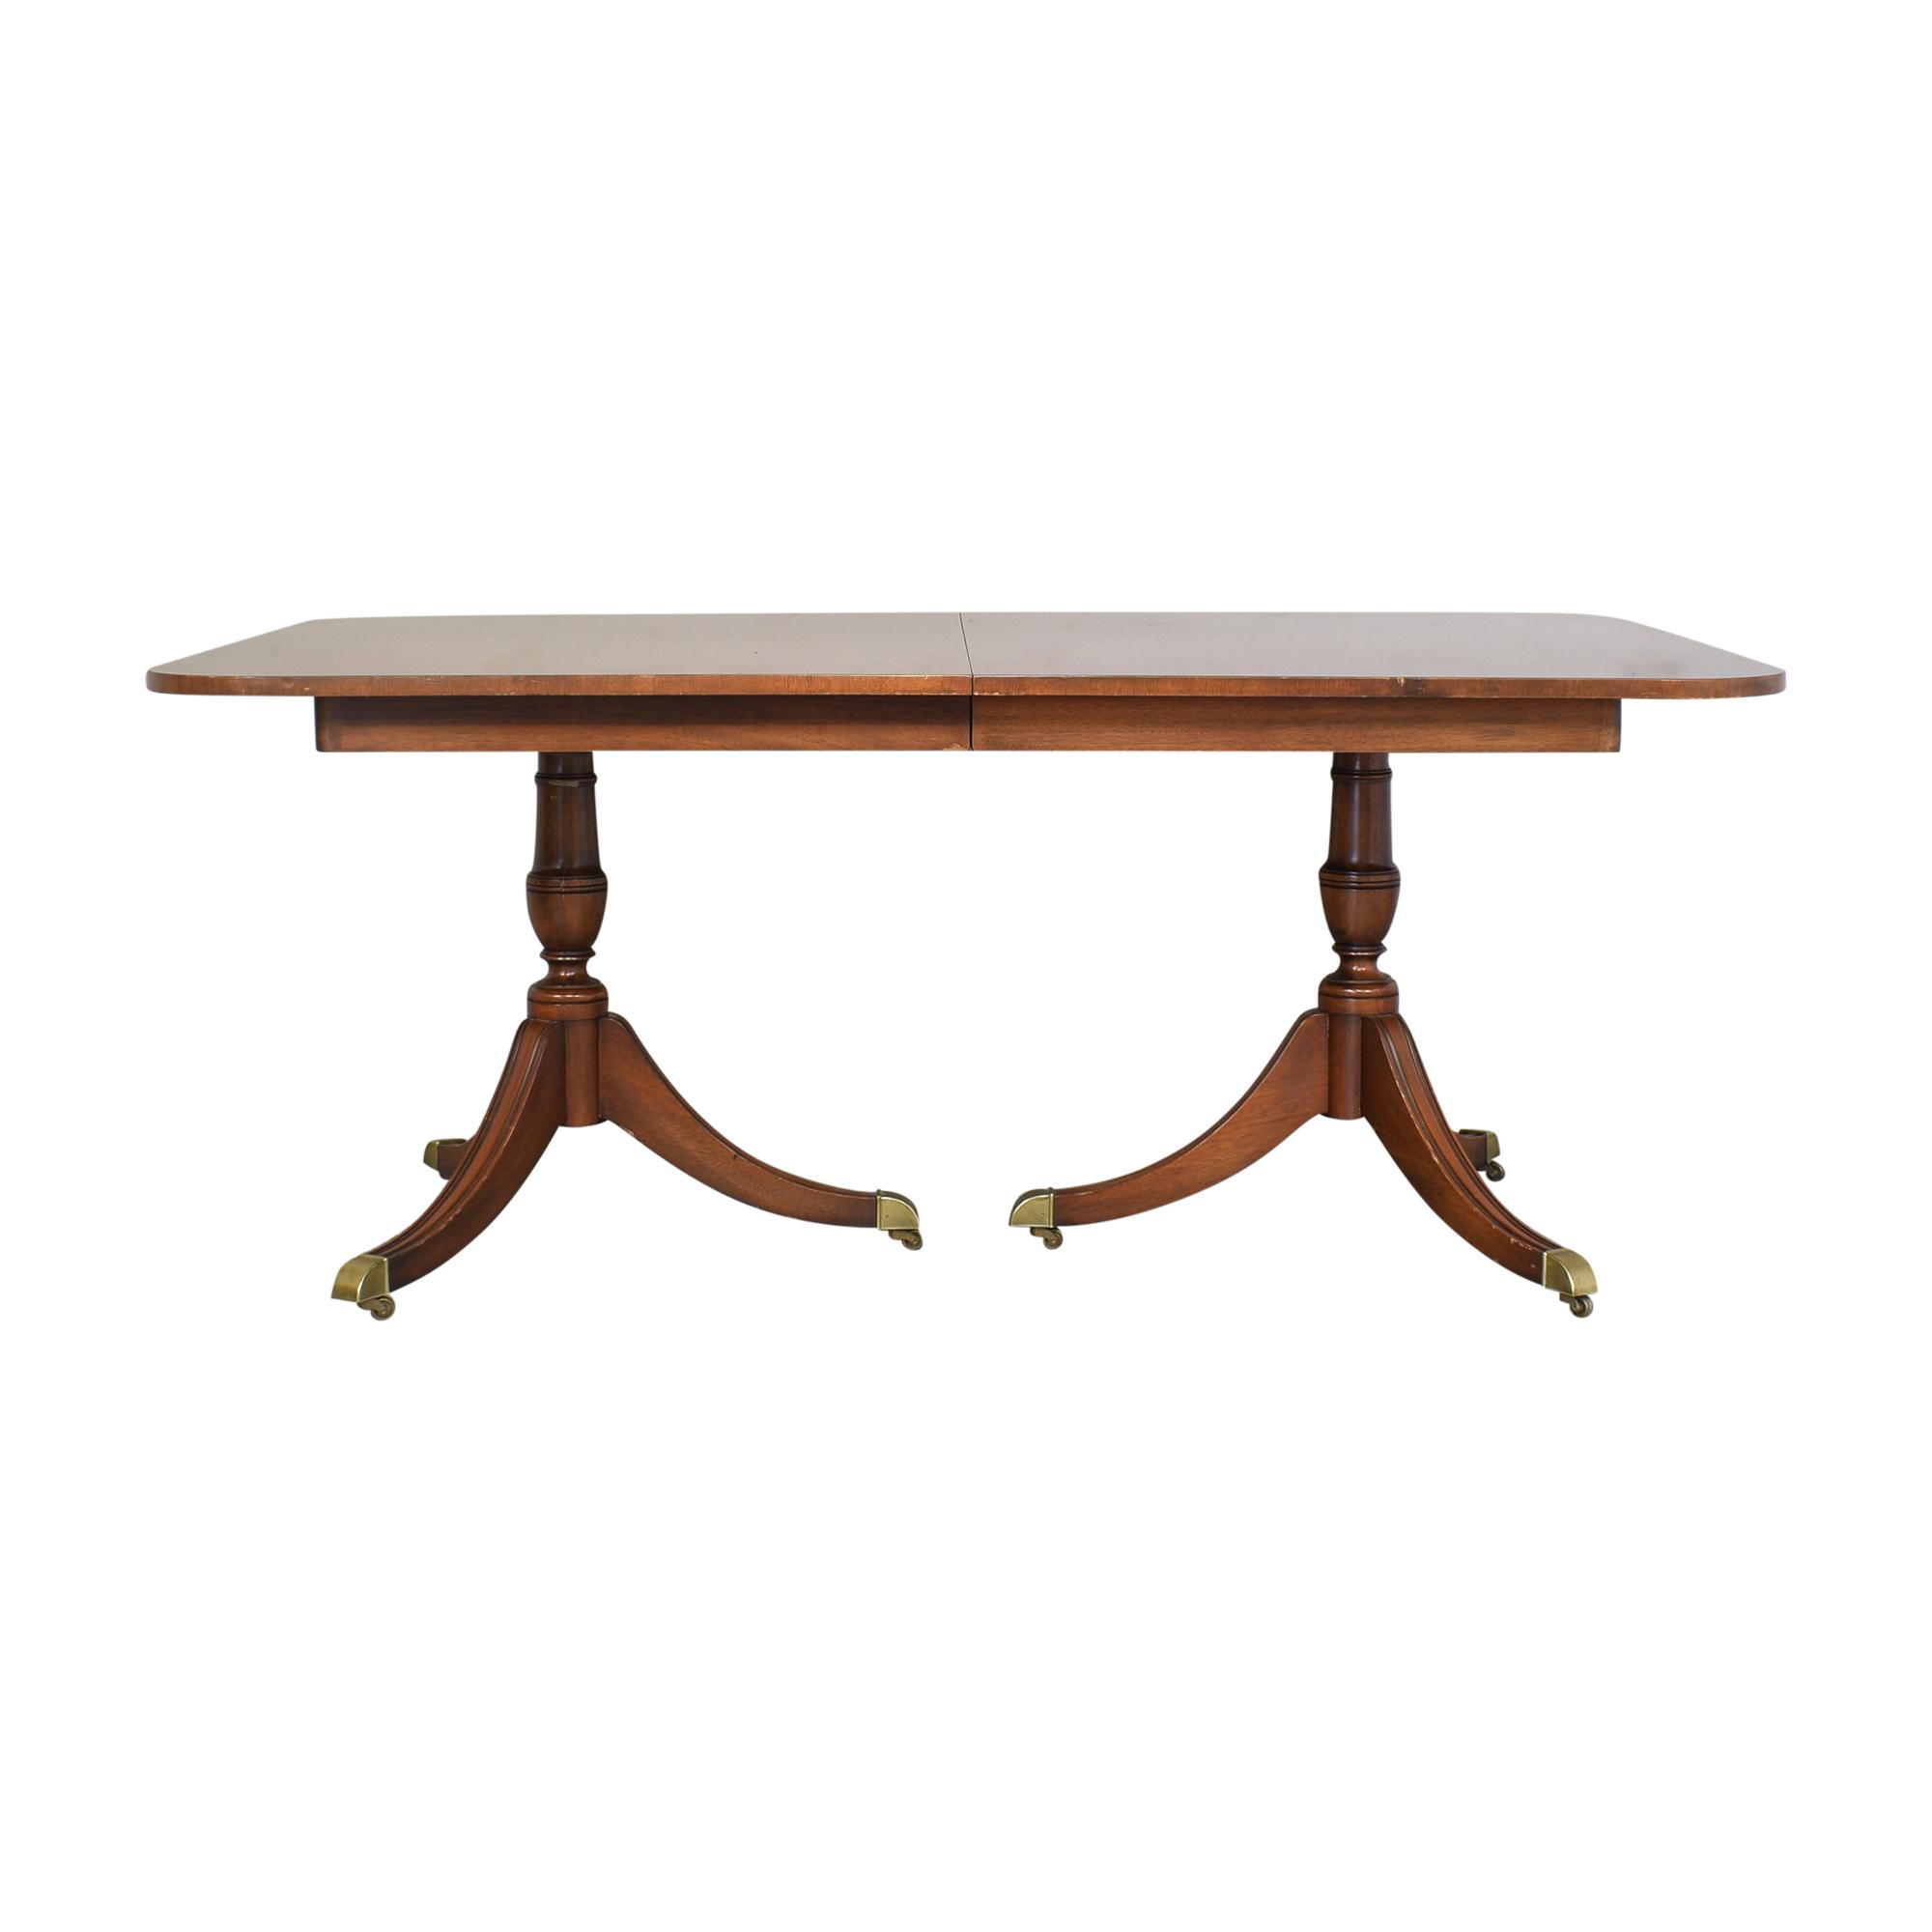 Kindel Kindel Double Pedestal Extendable Dining Table on sale